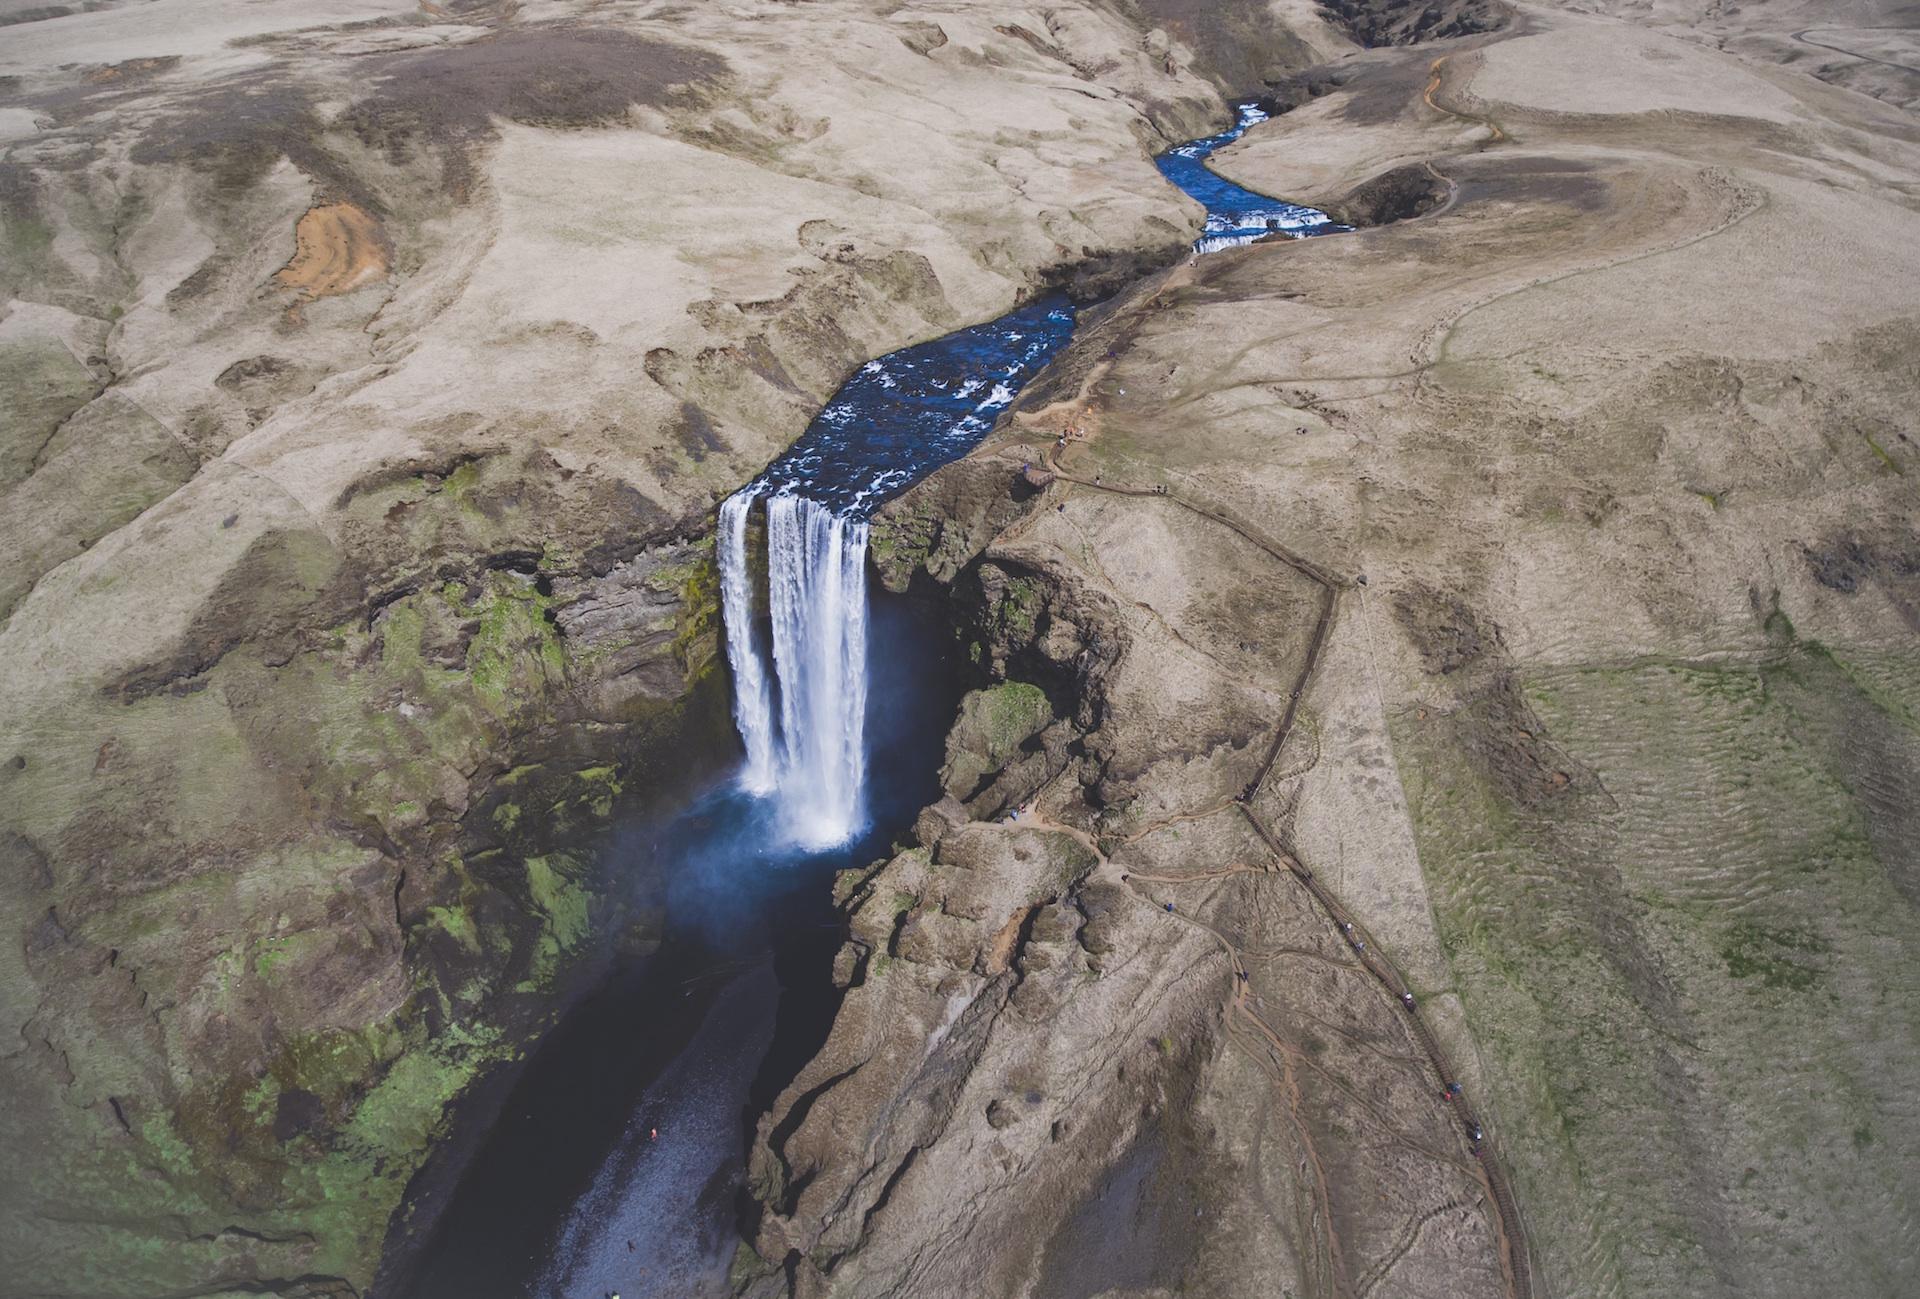 川, 白内障, 滝, 水, アイスランド - HD の壁紙 - 教授-falken.com